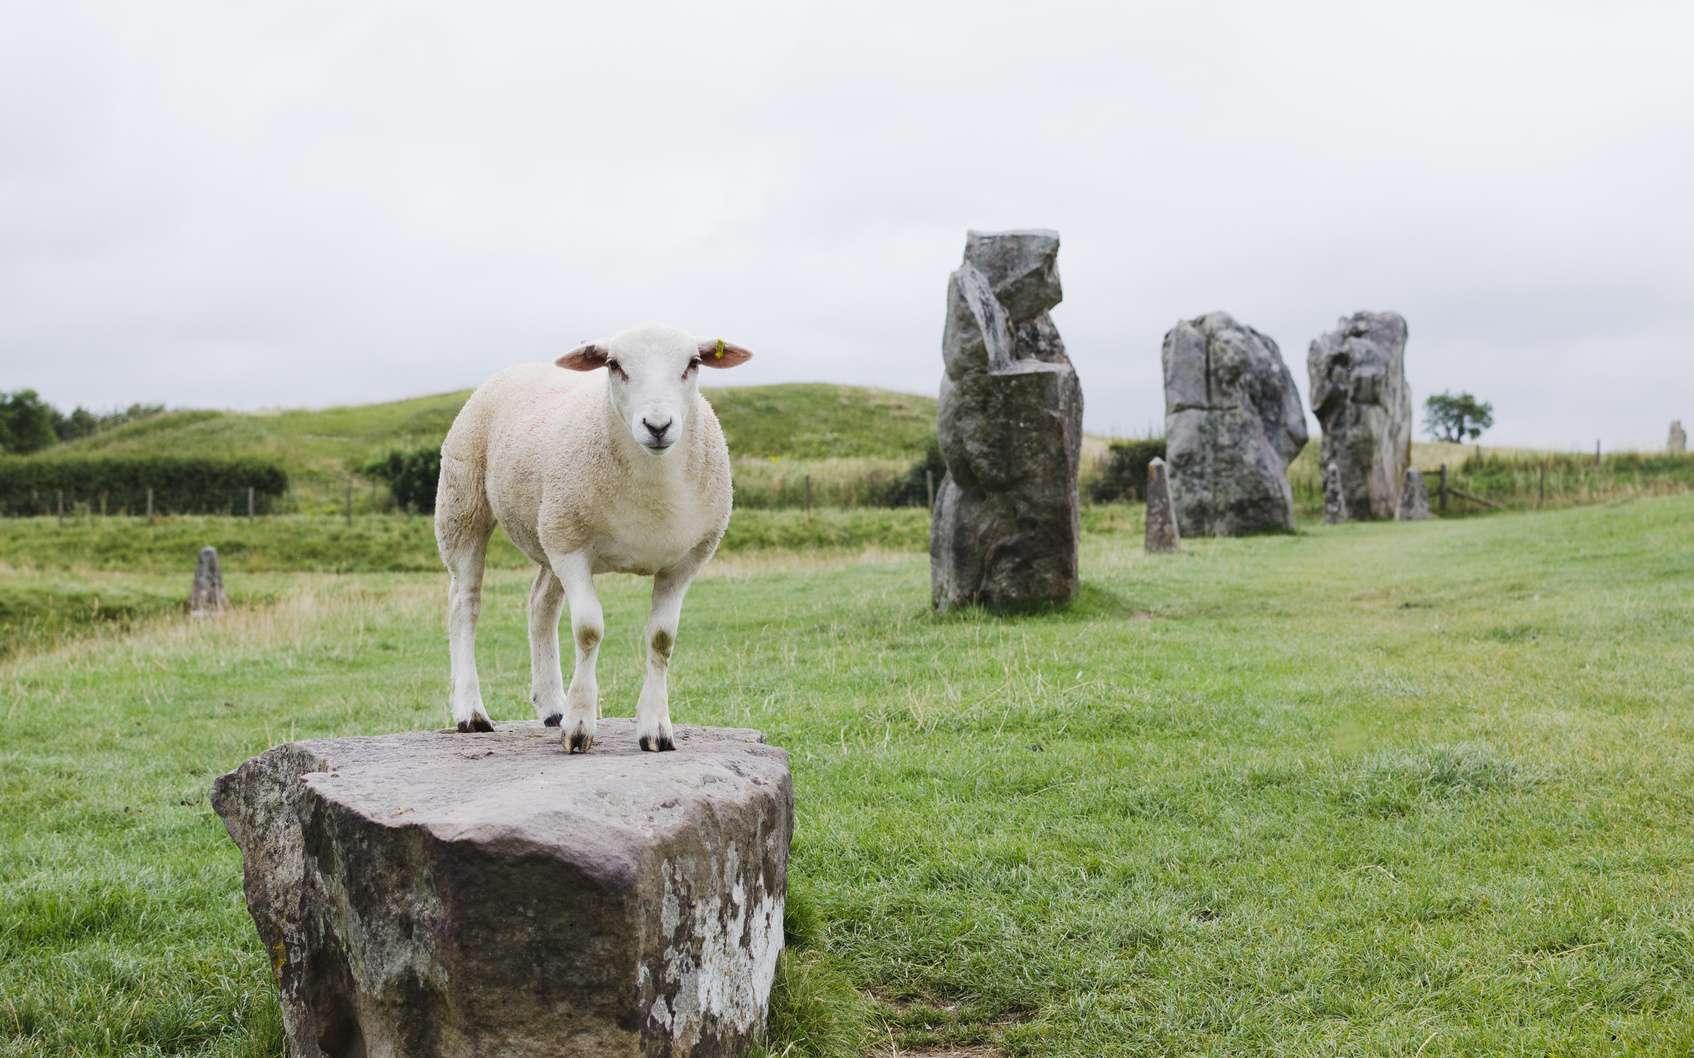 Un mouton sur un rocher. © mirekpesek, Fotolia